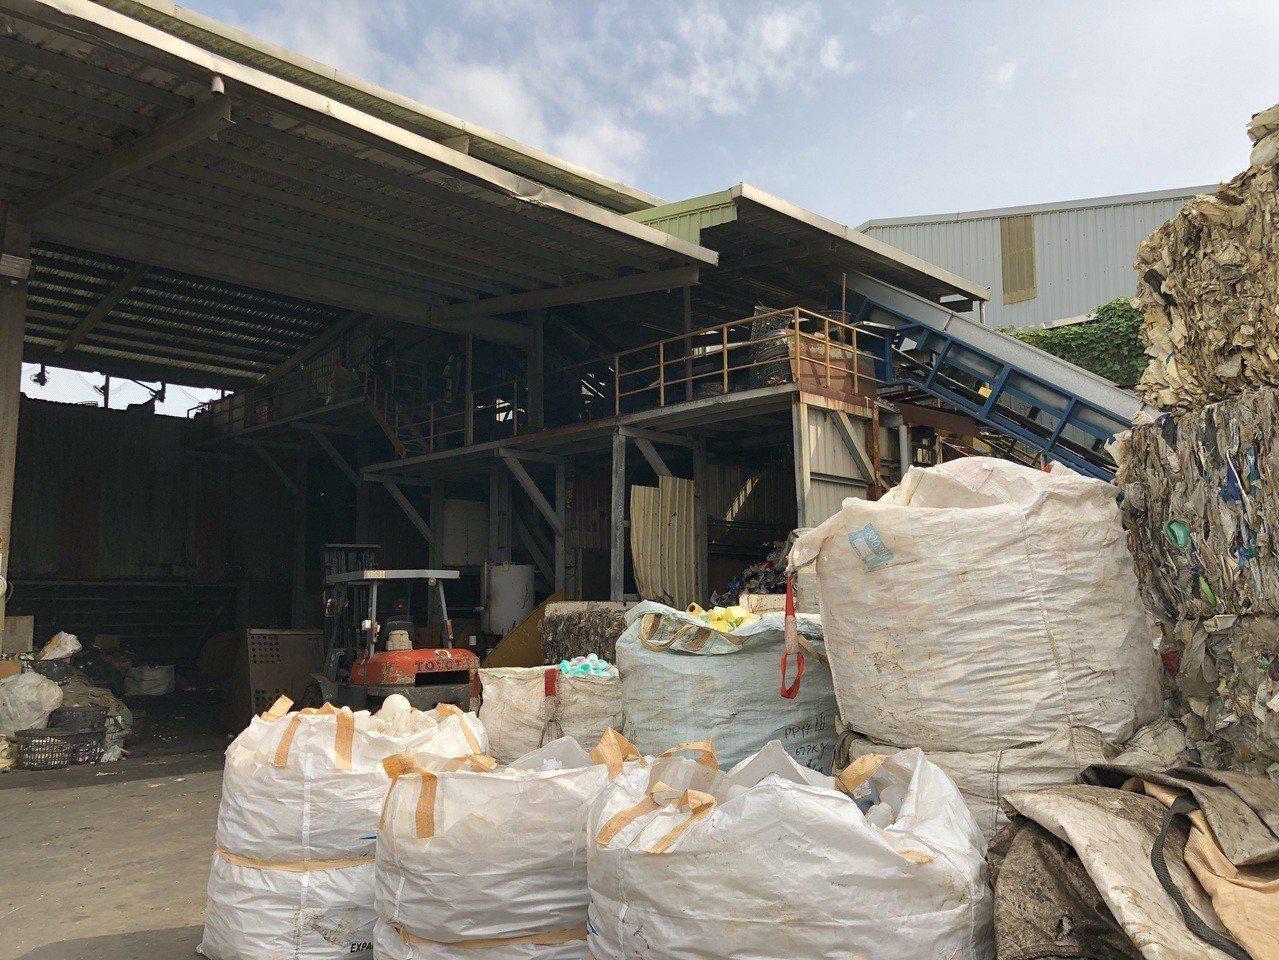 業者將五股垃圾山當作資收物轉運站,新北市環保局已要求業者遷移。圖/新北環保局提供